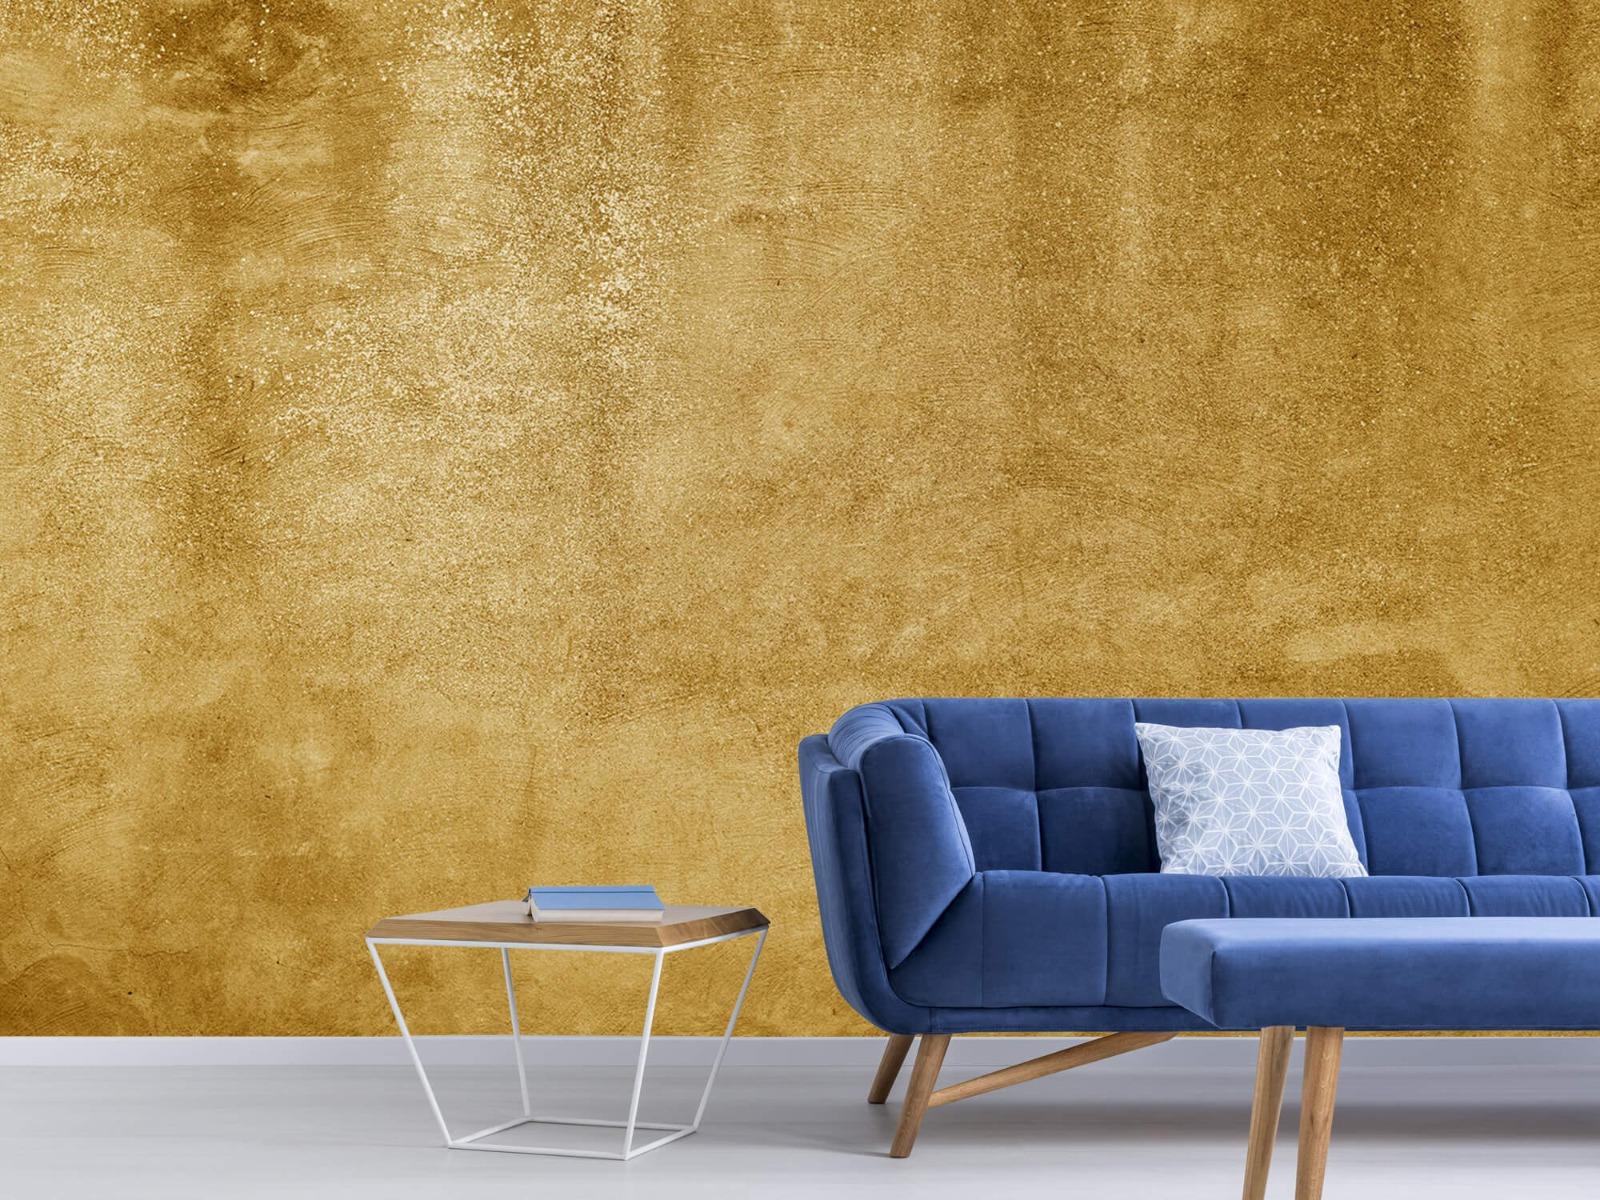 Betonoptik Tapete - Ockerhaltiger gelber Beton auf Fototapete - Wohnzimmer 6